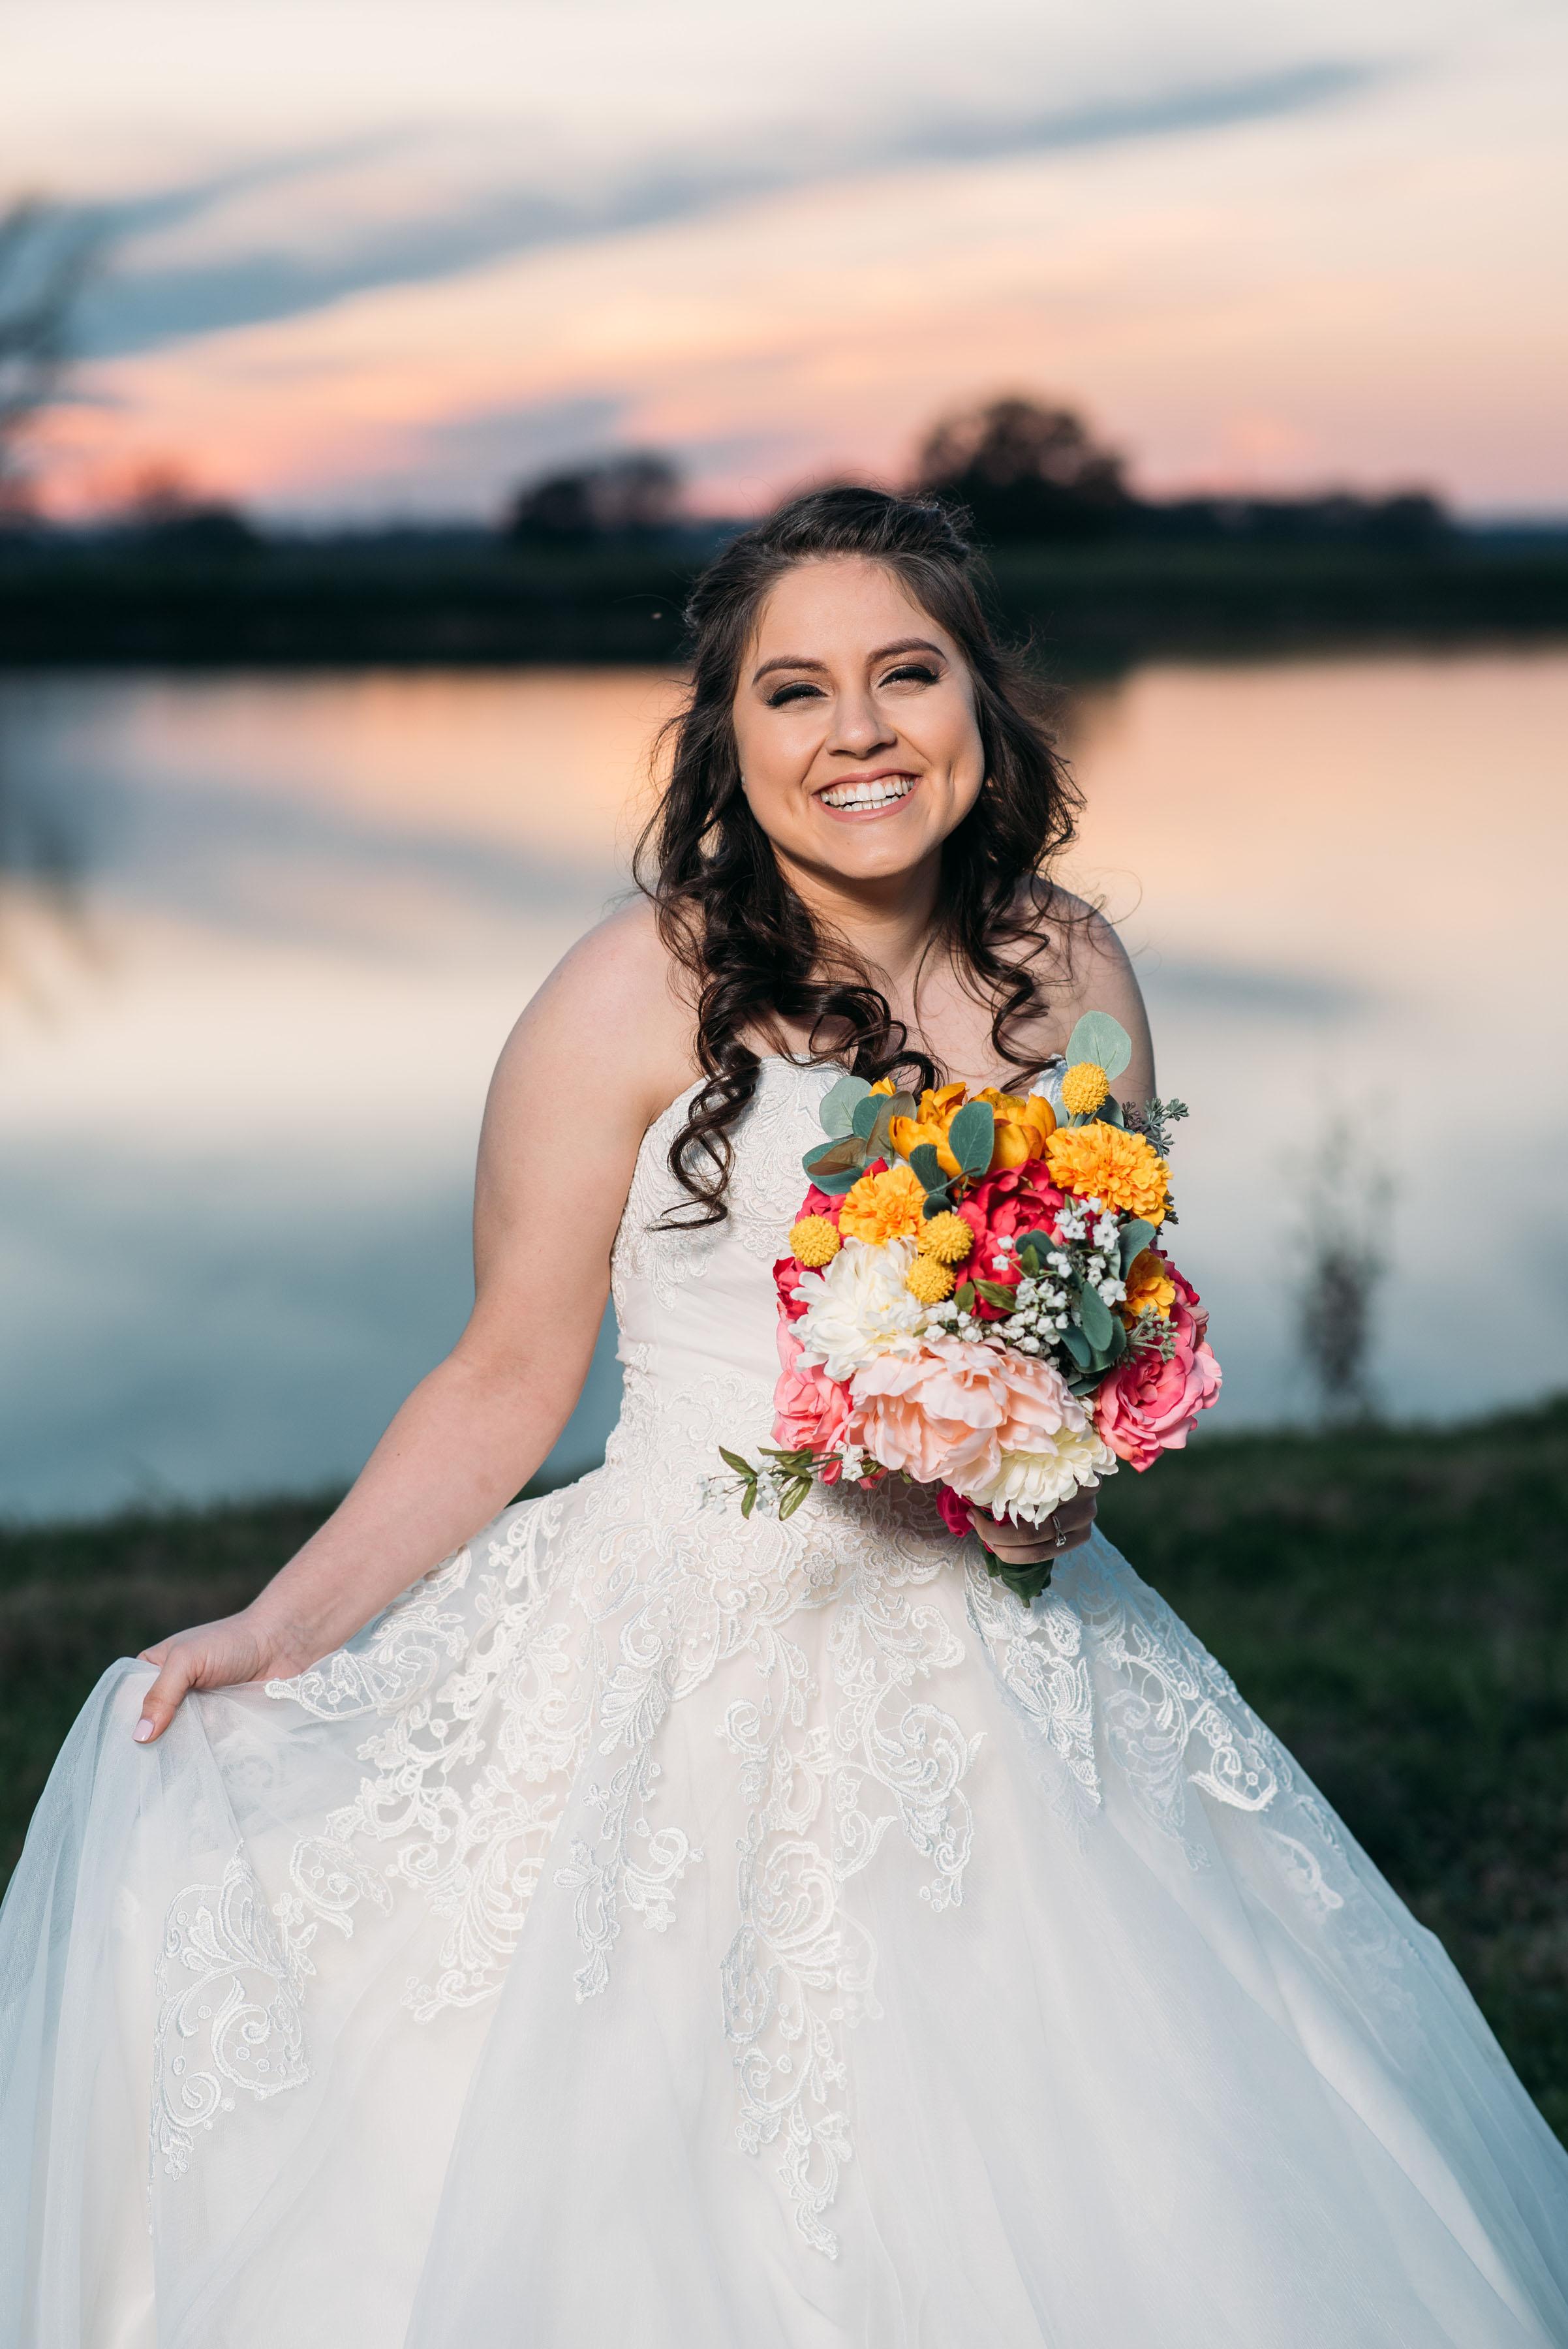 Melissa-Bridals-Aggie-Bride-MooreRanch-13.jpg